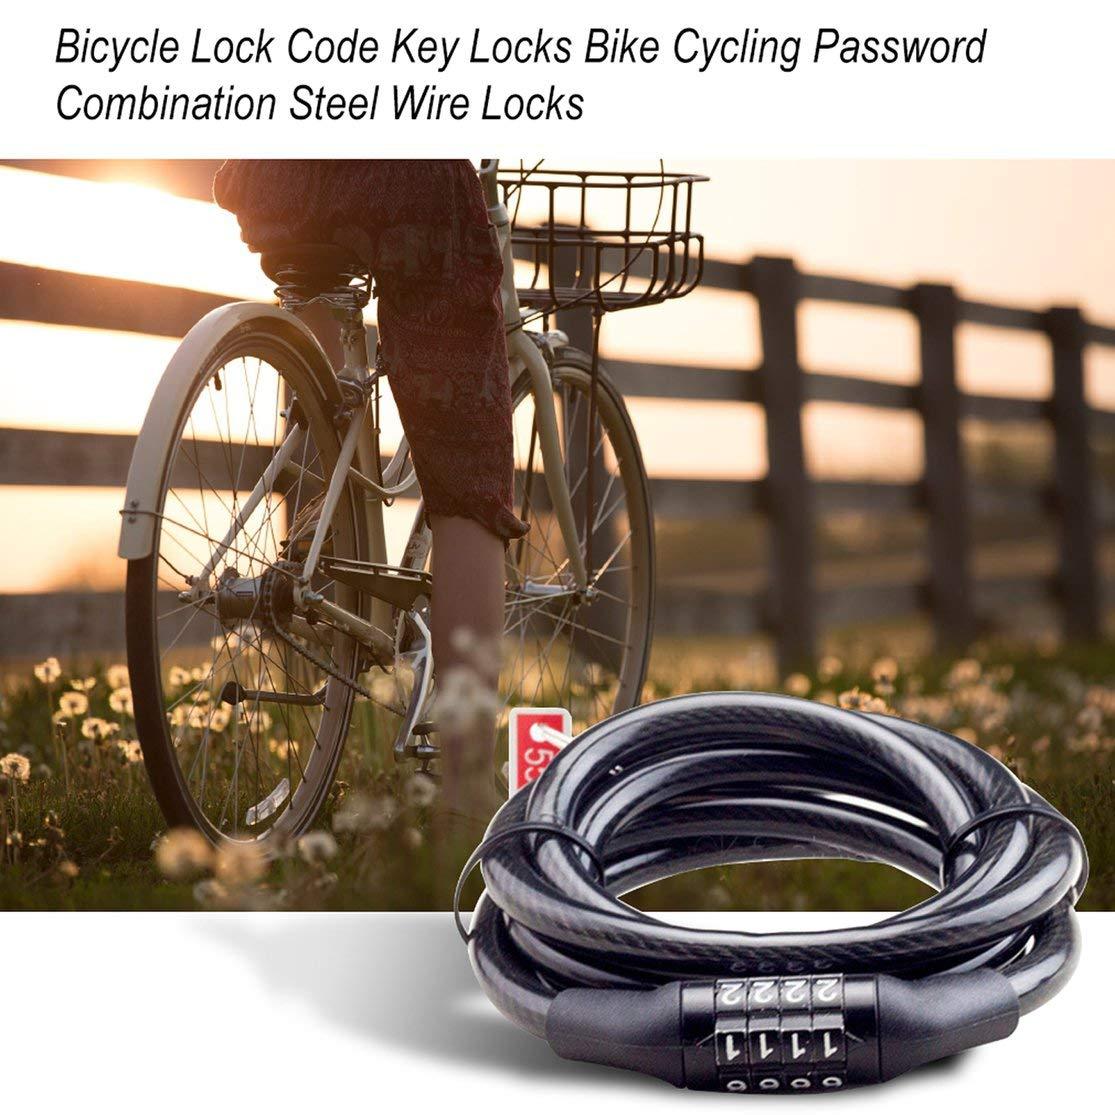 CHANNIKO-ES Bicicleta C/ódigo de Bloqueo Llaves de Seguridad Ciclismo Contrase/ña Combinaci/ón Seguridad Cerraduras de Alambre de Acero Accesorios para Bicicletas